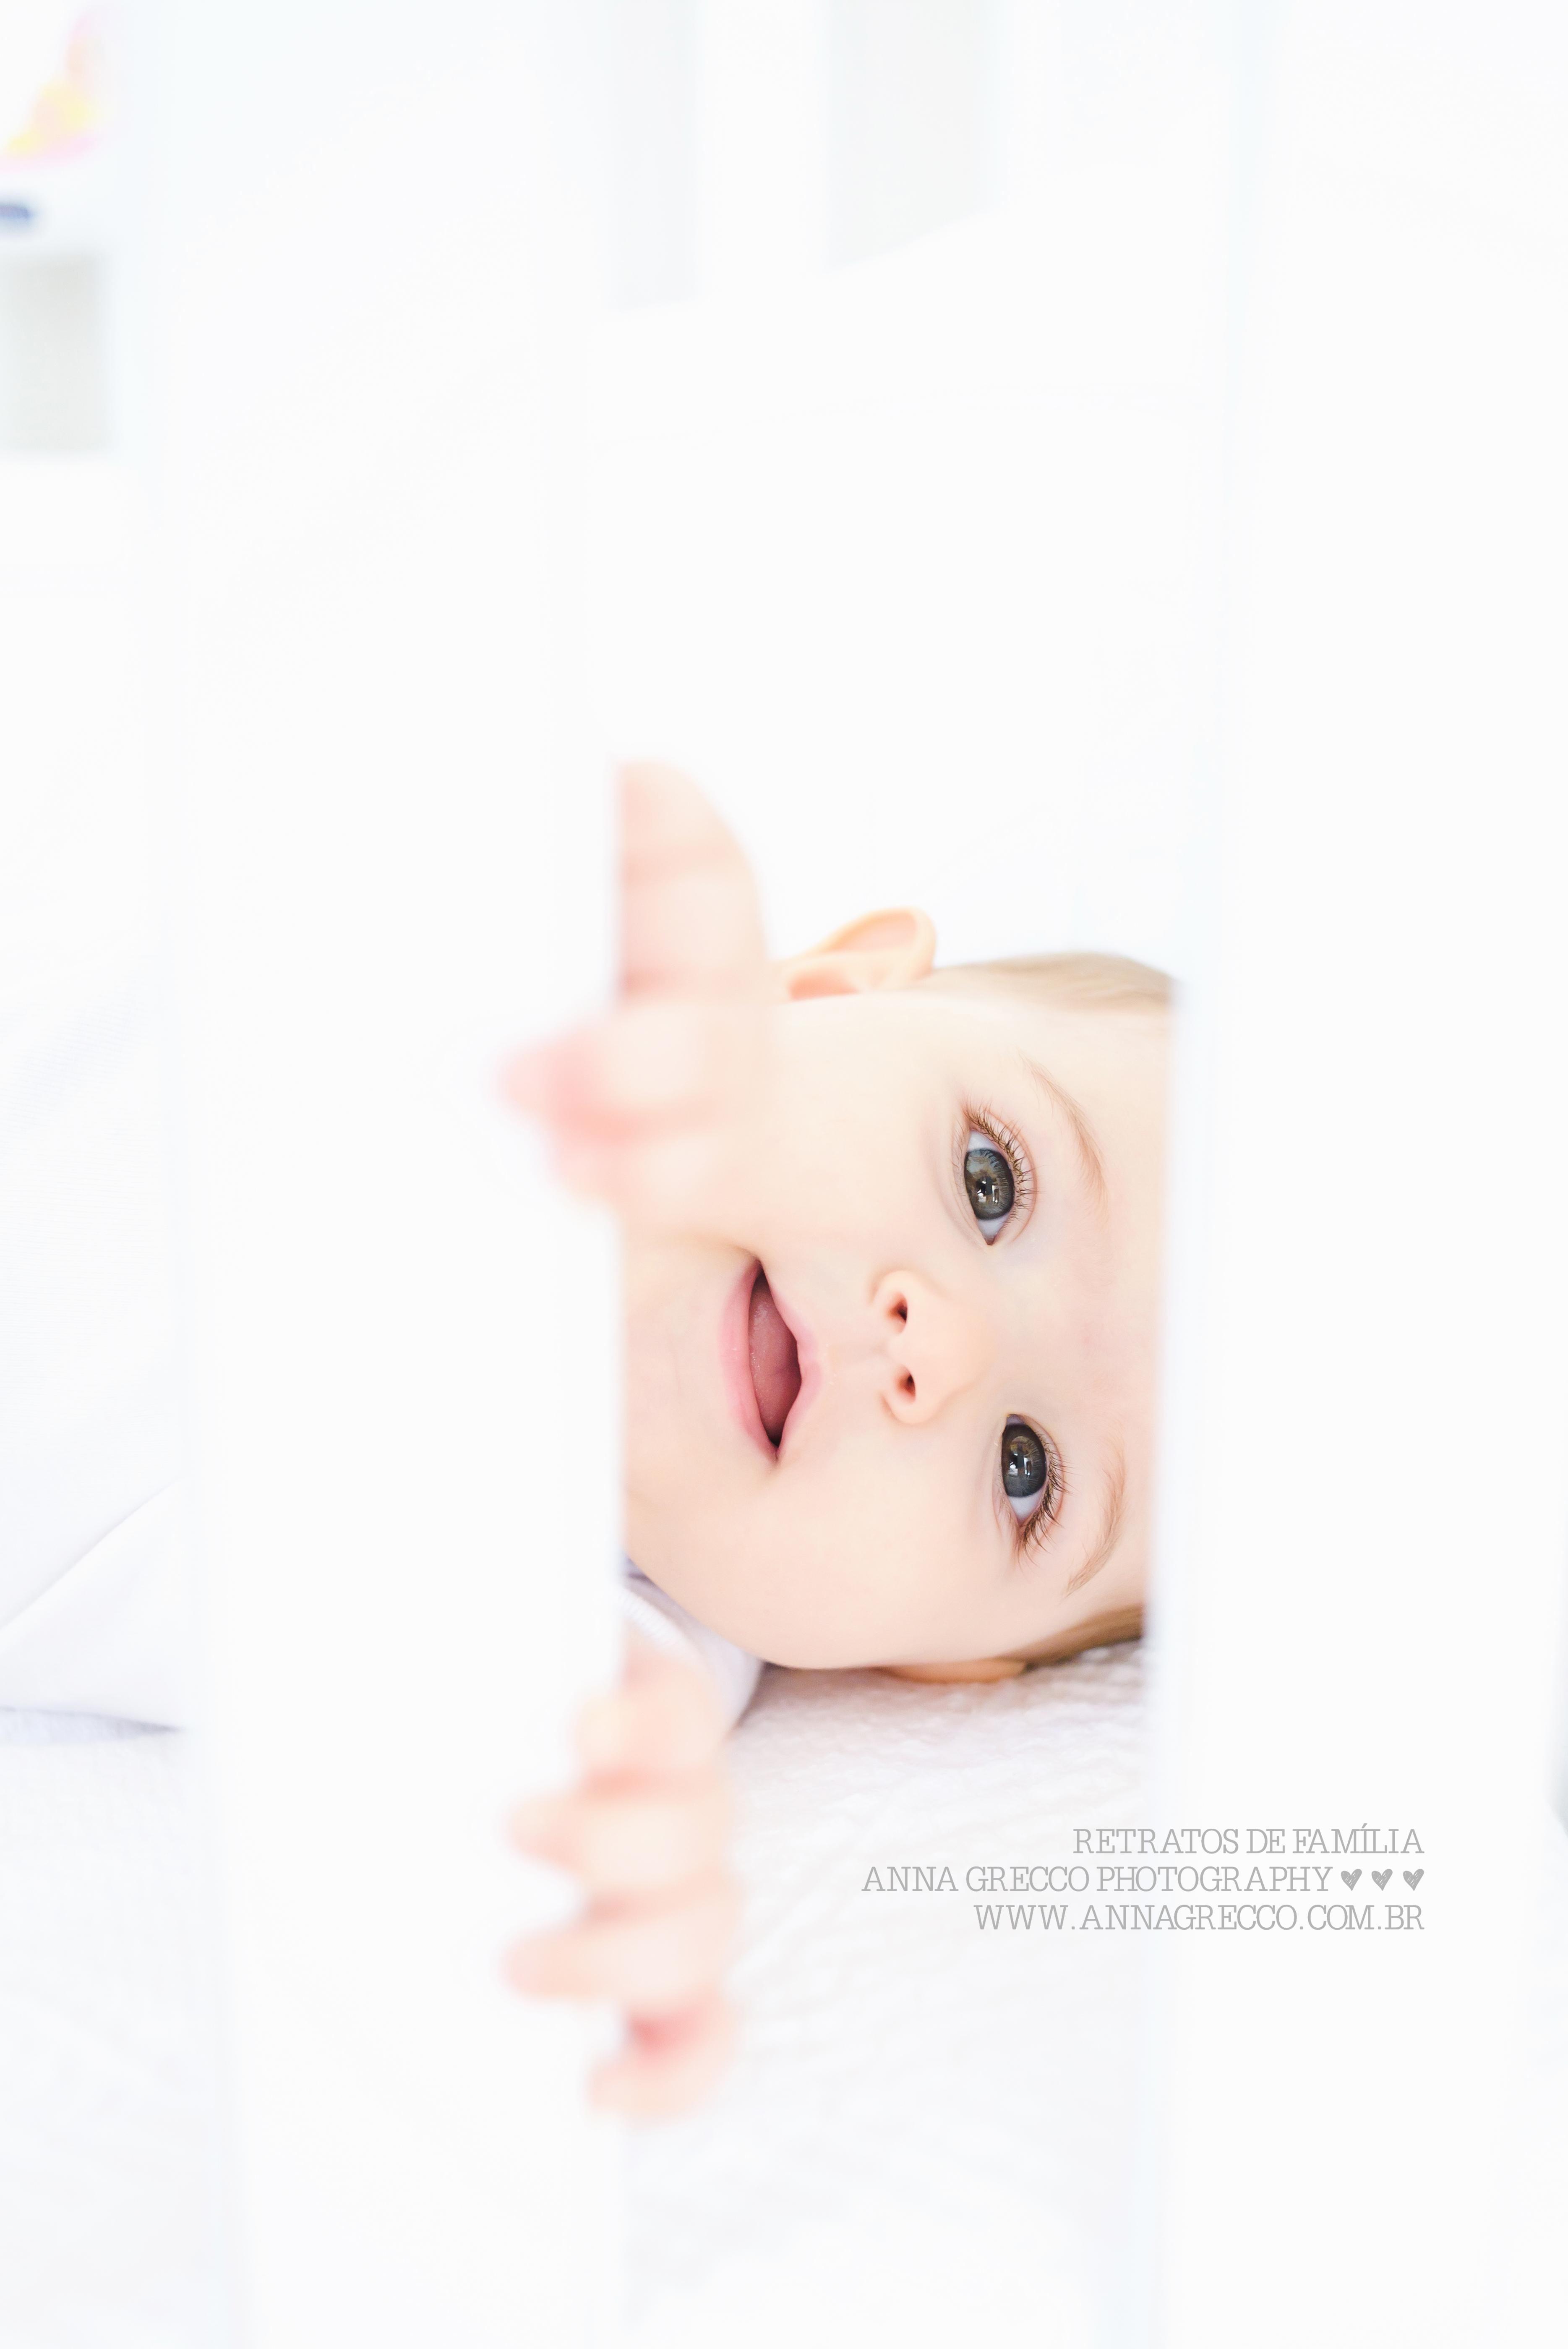 Anna Grecco Photography - www.annagrecco.com.br